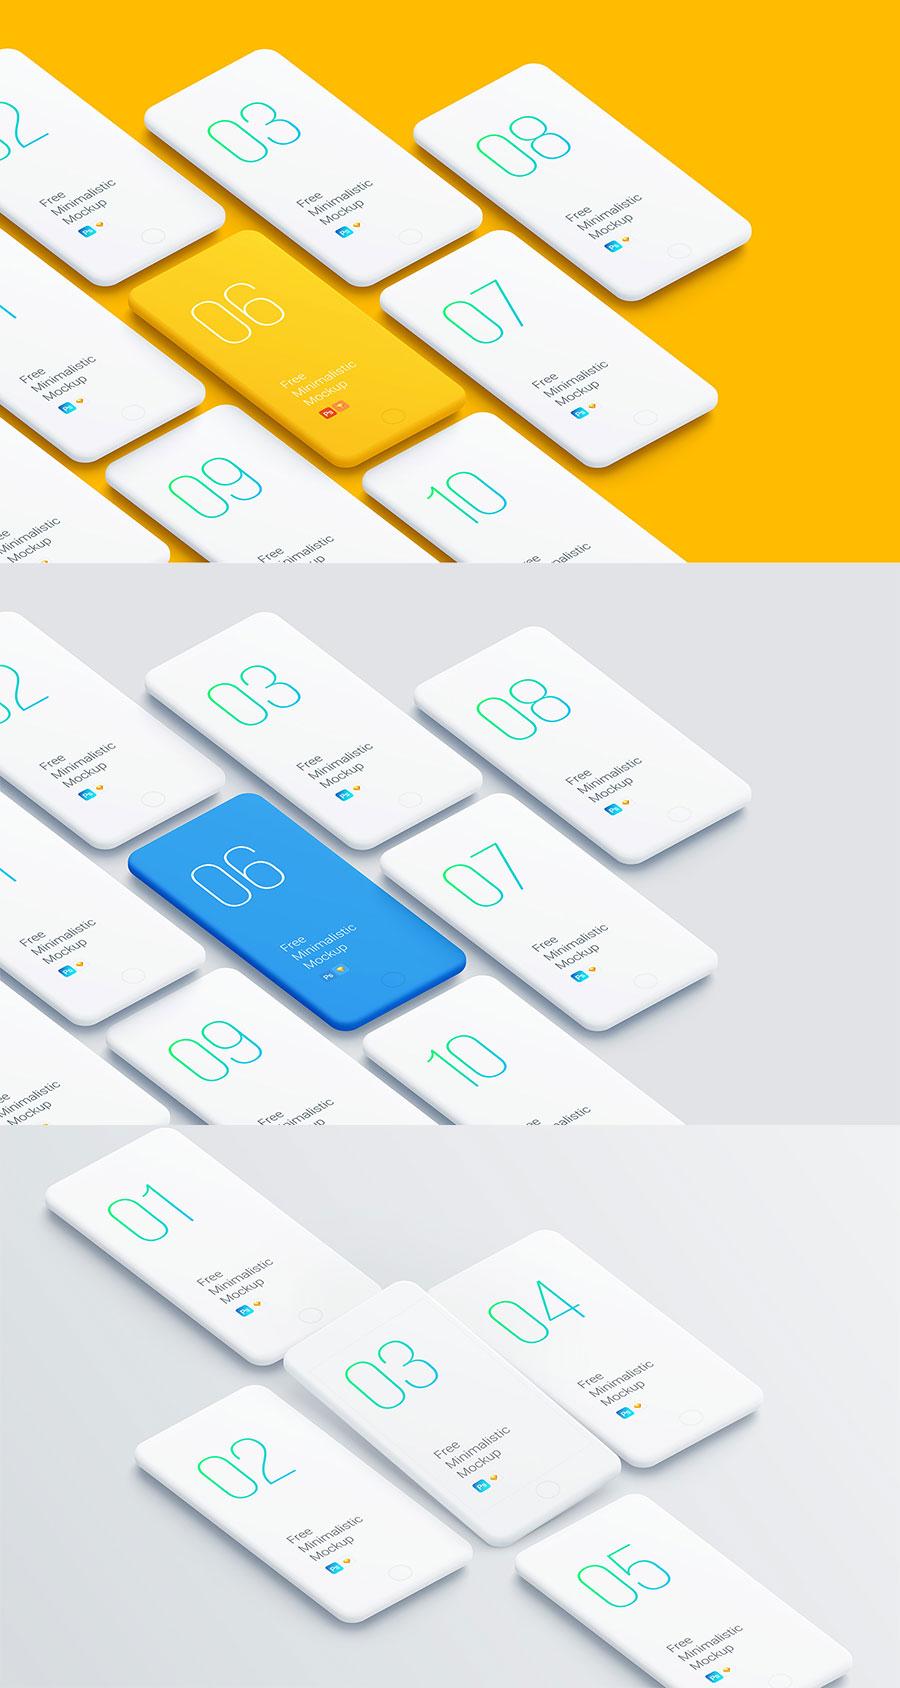 常见的透视角度的展示全套APP UI KITS设计的iPhone展示模型下载[PSD,Sketch]